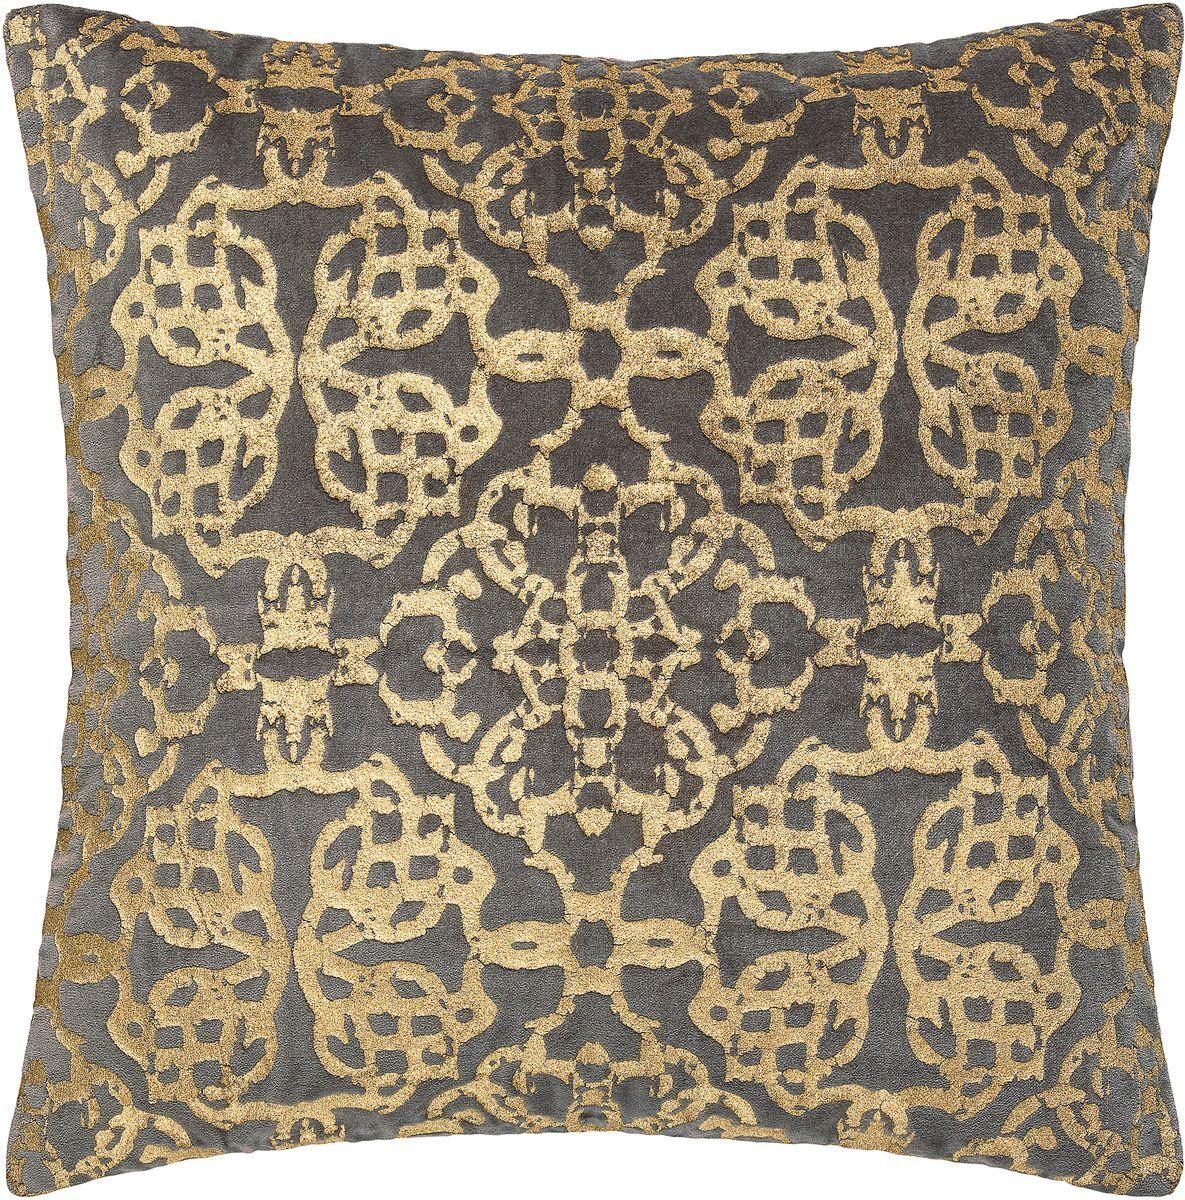 Подушка декоративная Togas Шарлотта, цвет: темно-серый, 45 х 45 см подушка декоративная togas пагода наполнитель полиэфир цвет синий золотой 45 х 45 см